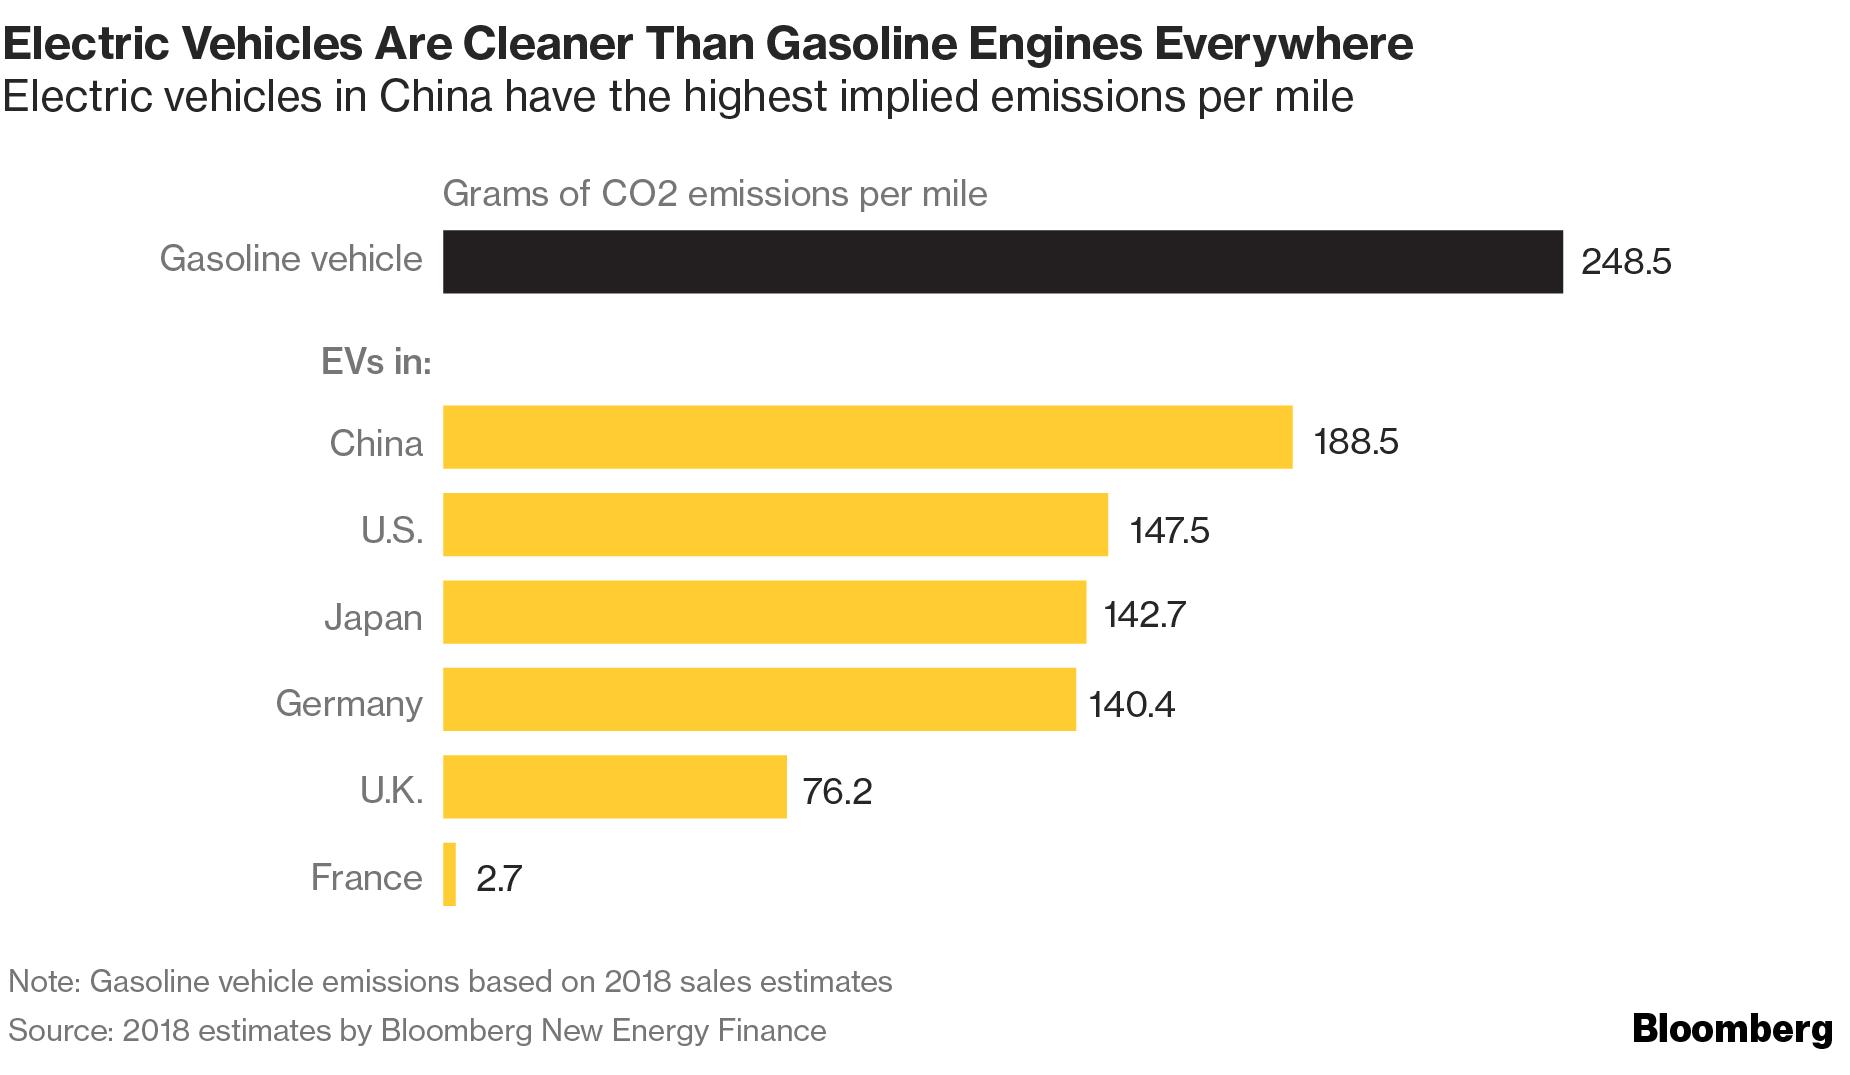 электромобили - СО2 на милю